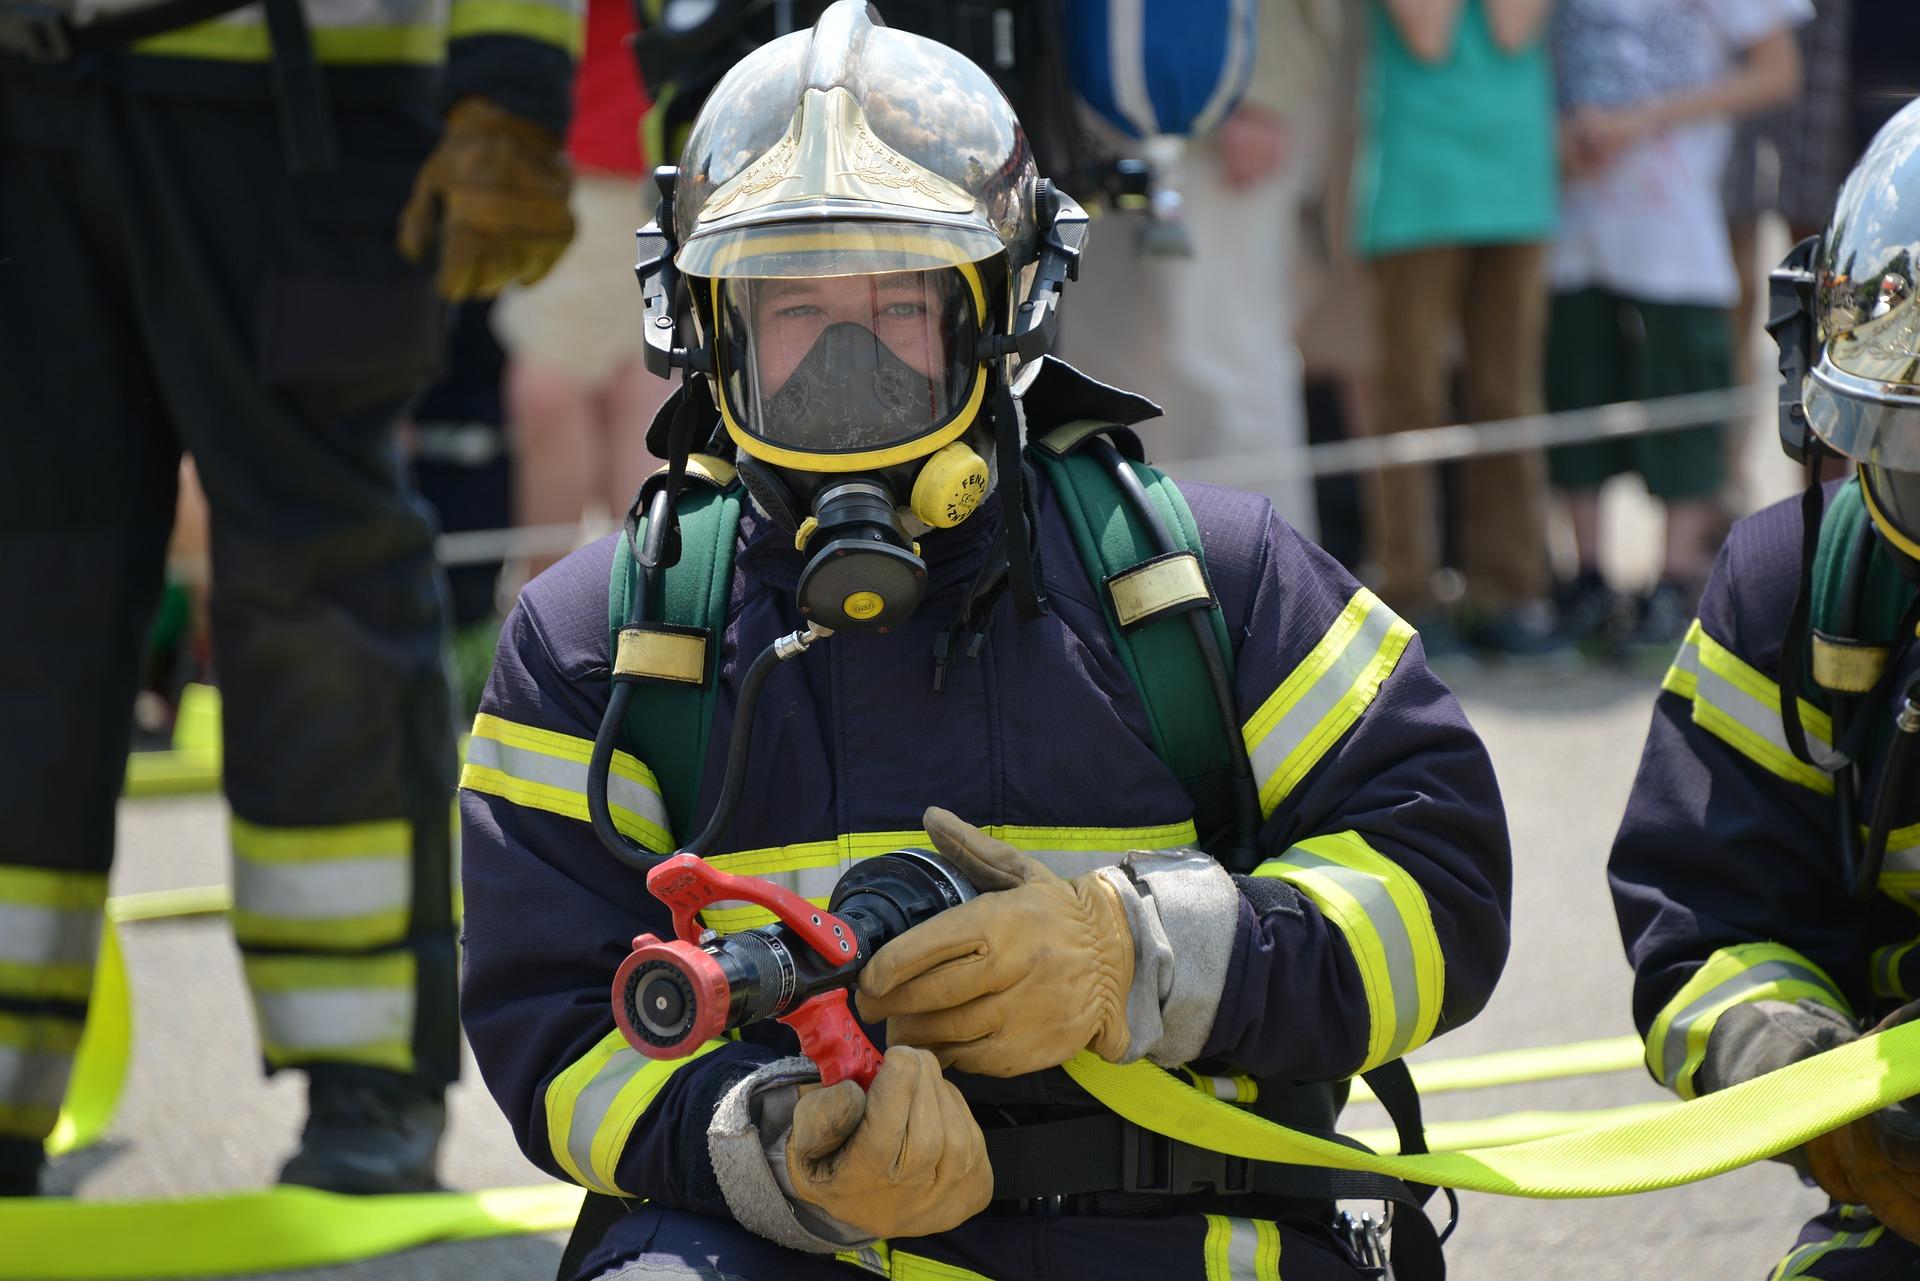 Feuerwehr / Pixabay